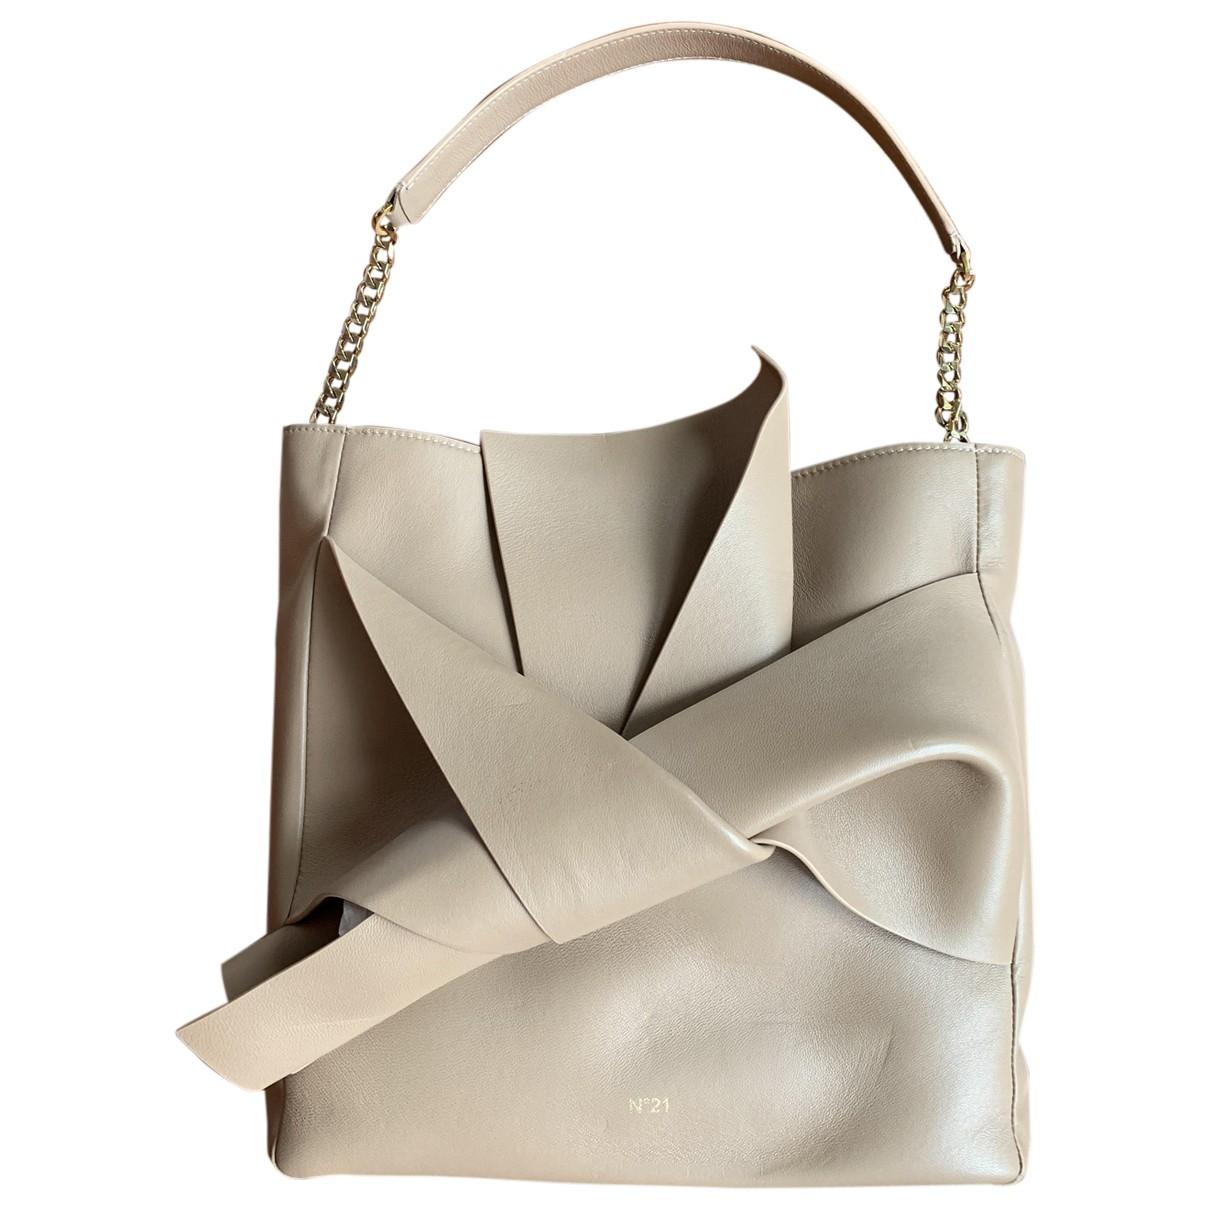 N°21 \N Beige Leather handbag for Women \N